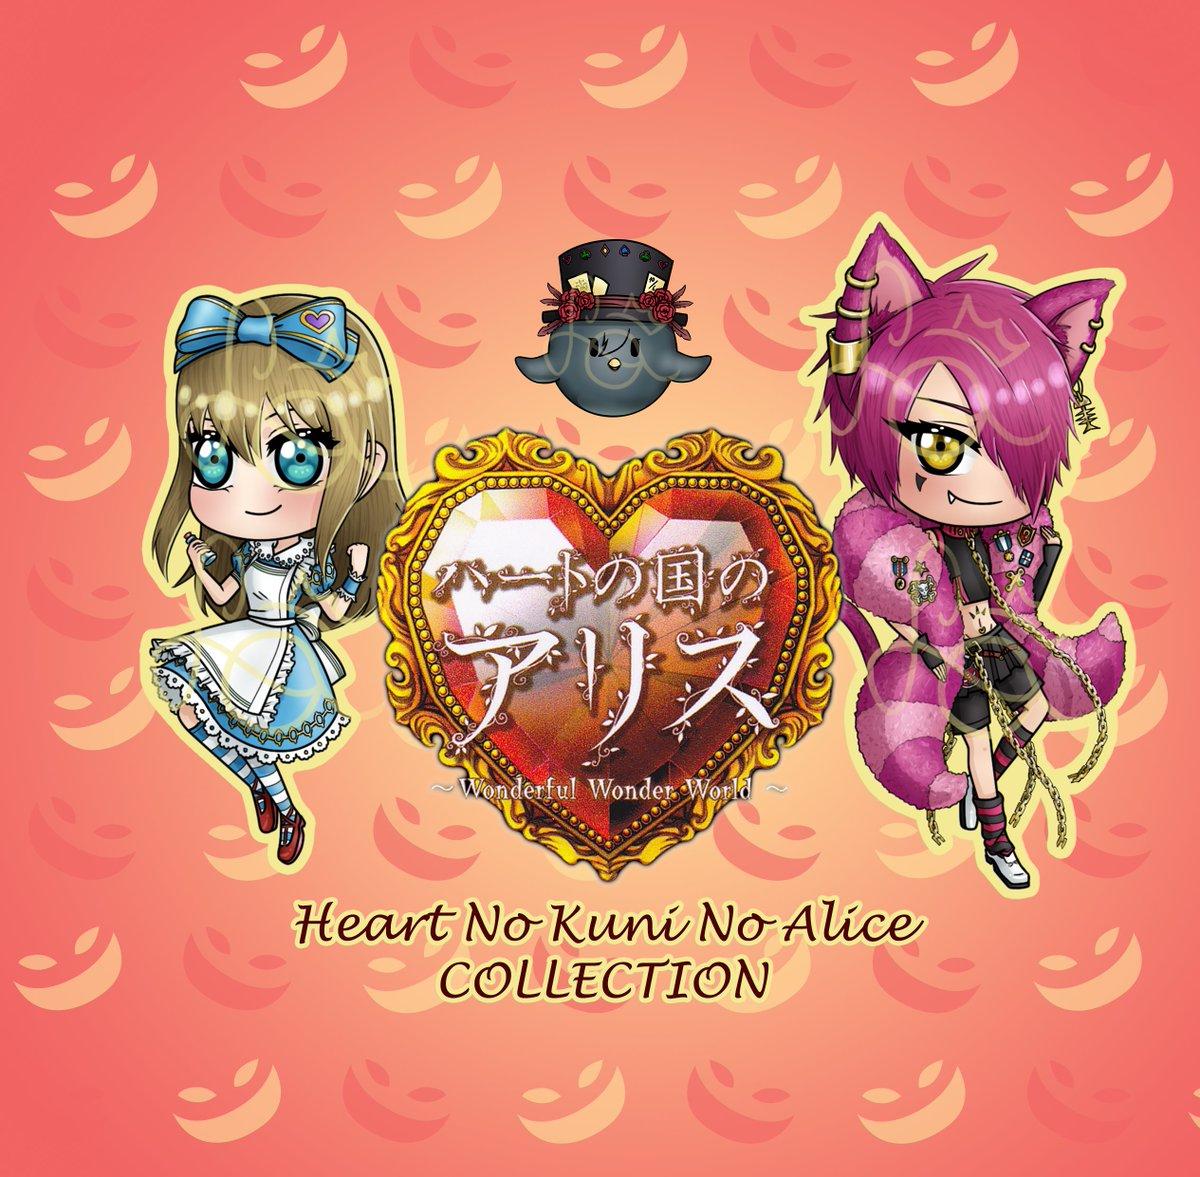 Stickers de #HeartNoKuniNoAlice 💖  Pegatinas grandes 2'5€, pequeñas 1'5€ He puesto los bordes amarillos, podéis pedirlo de otro color por encargo✨ #Alicia #Alice #Cheshire #CheshireCat #Boris #HNKNA #Wonderland #fanart #stickers #sticker #keychain